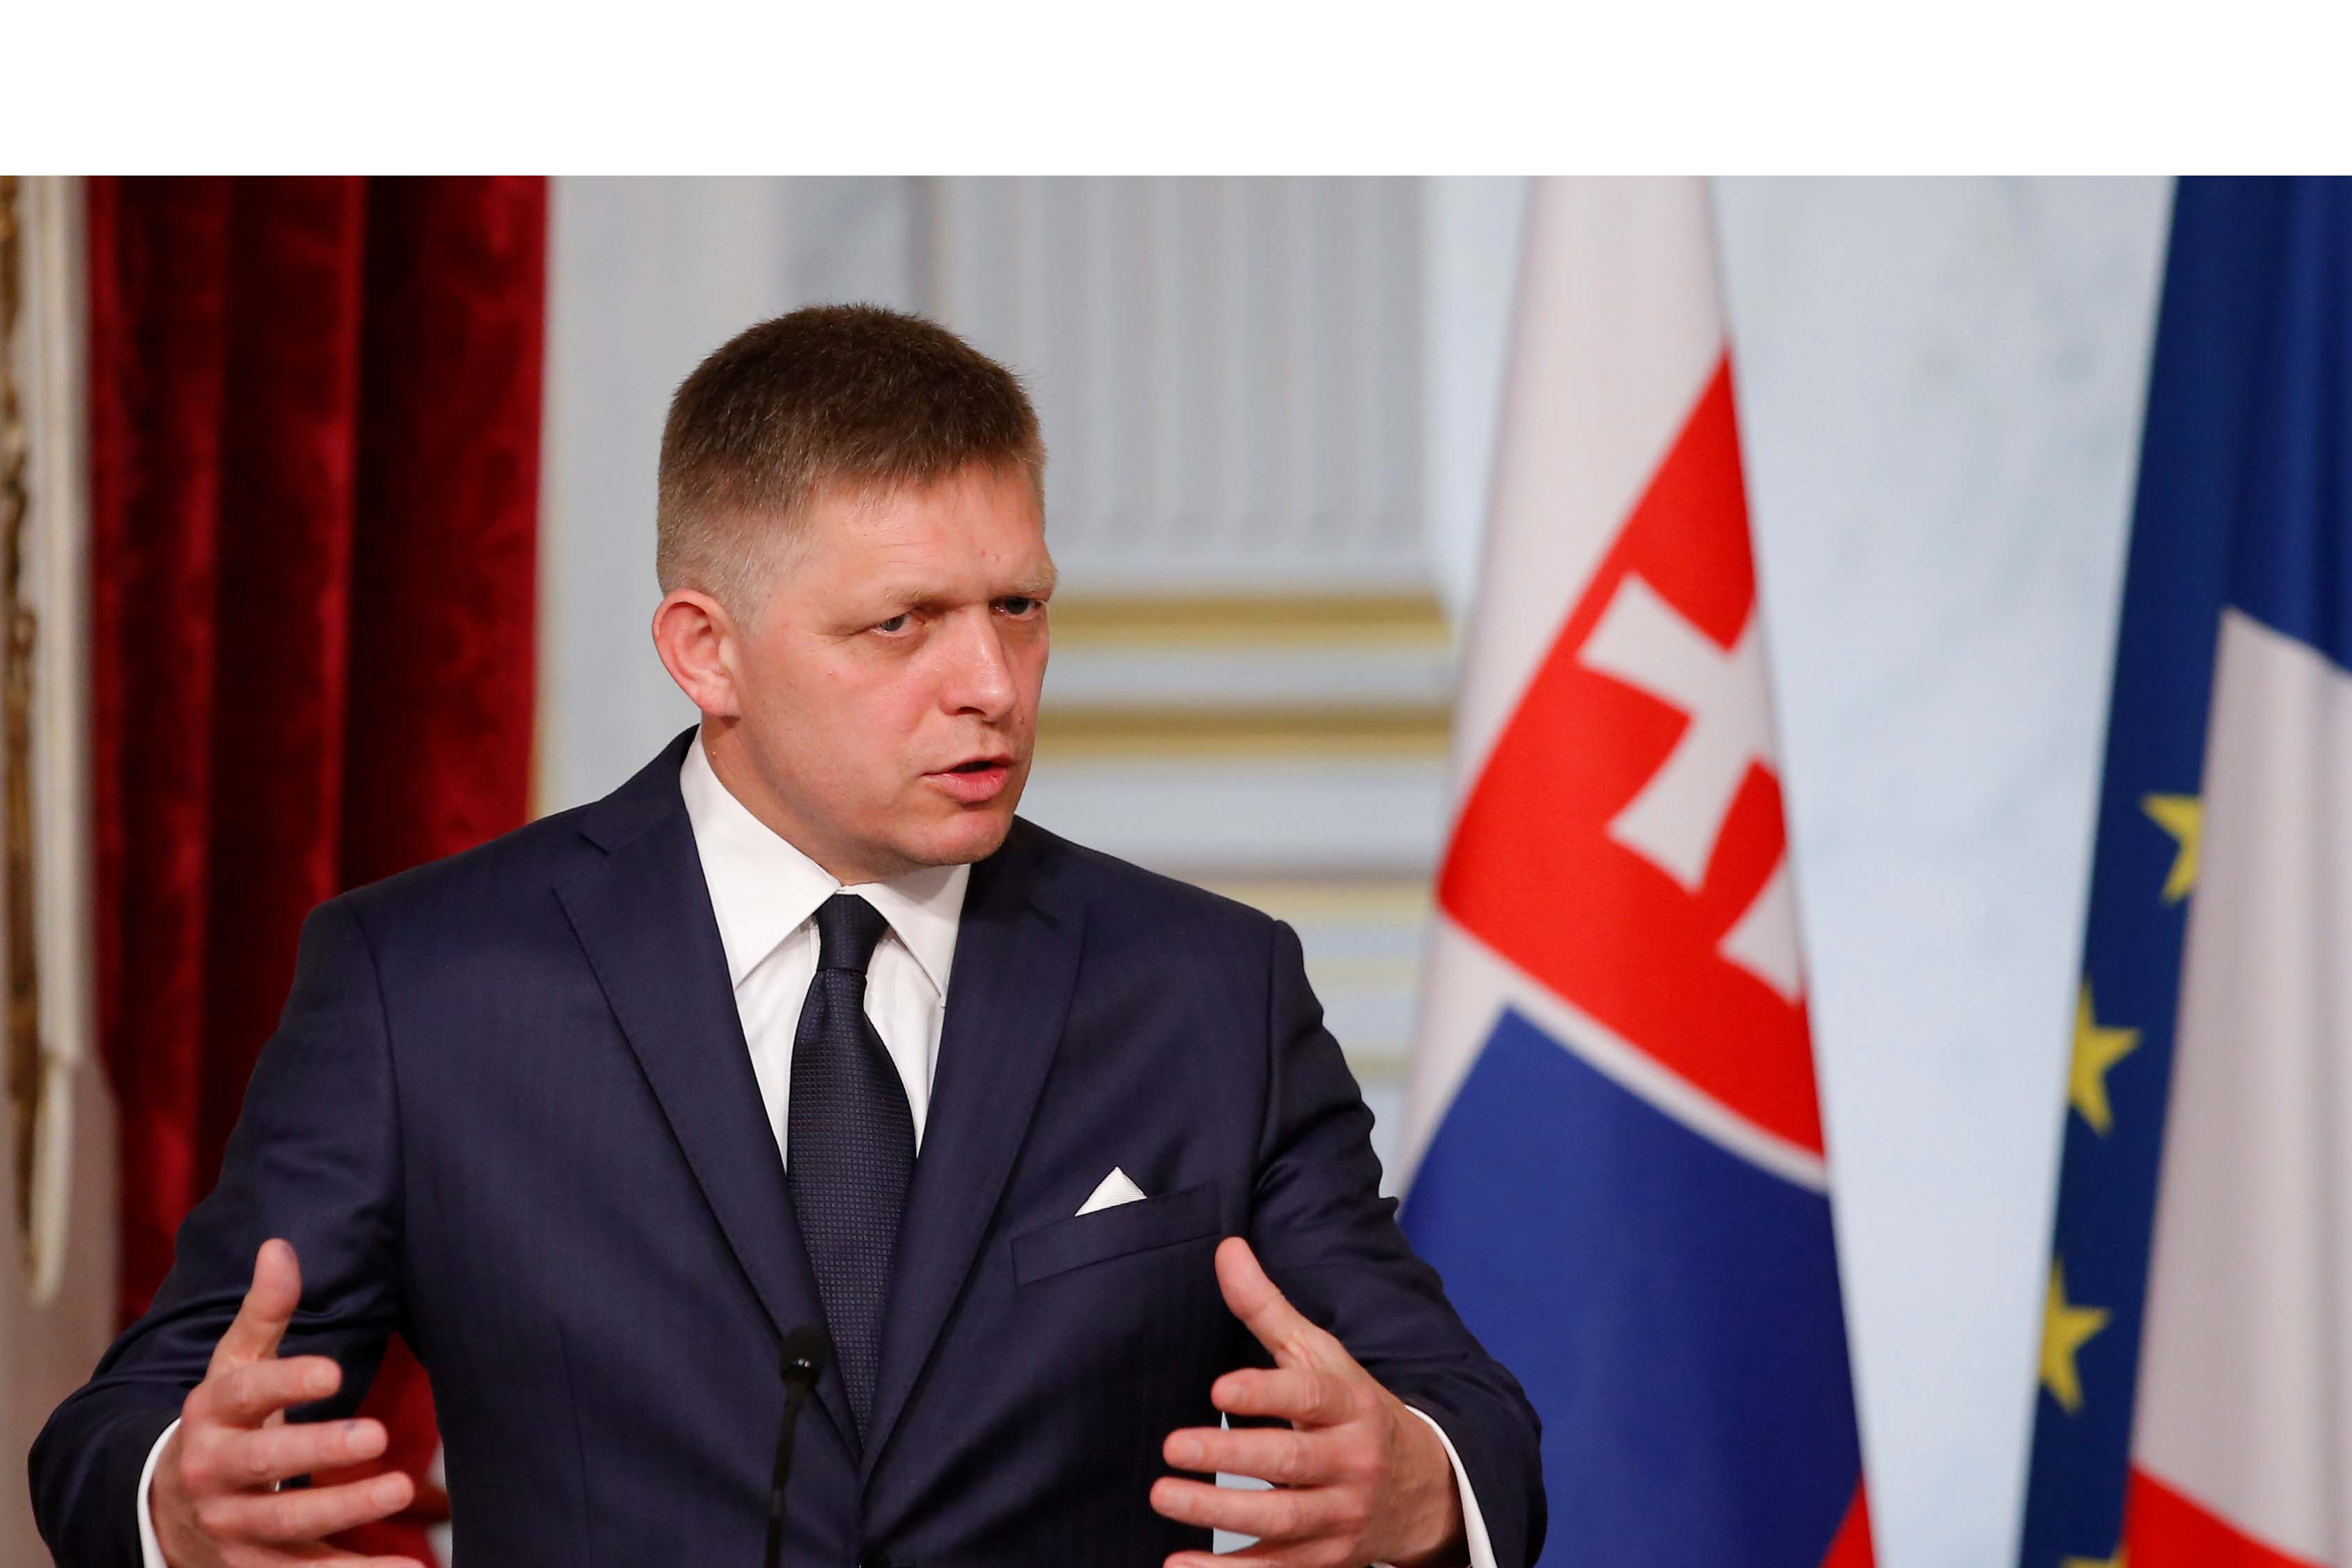 Eslovaquia será la anfitriona de una cumbre informal de los jefes de Estado y de Gobierno de la UE en la que no participará el Reino Unido